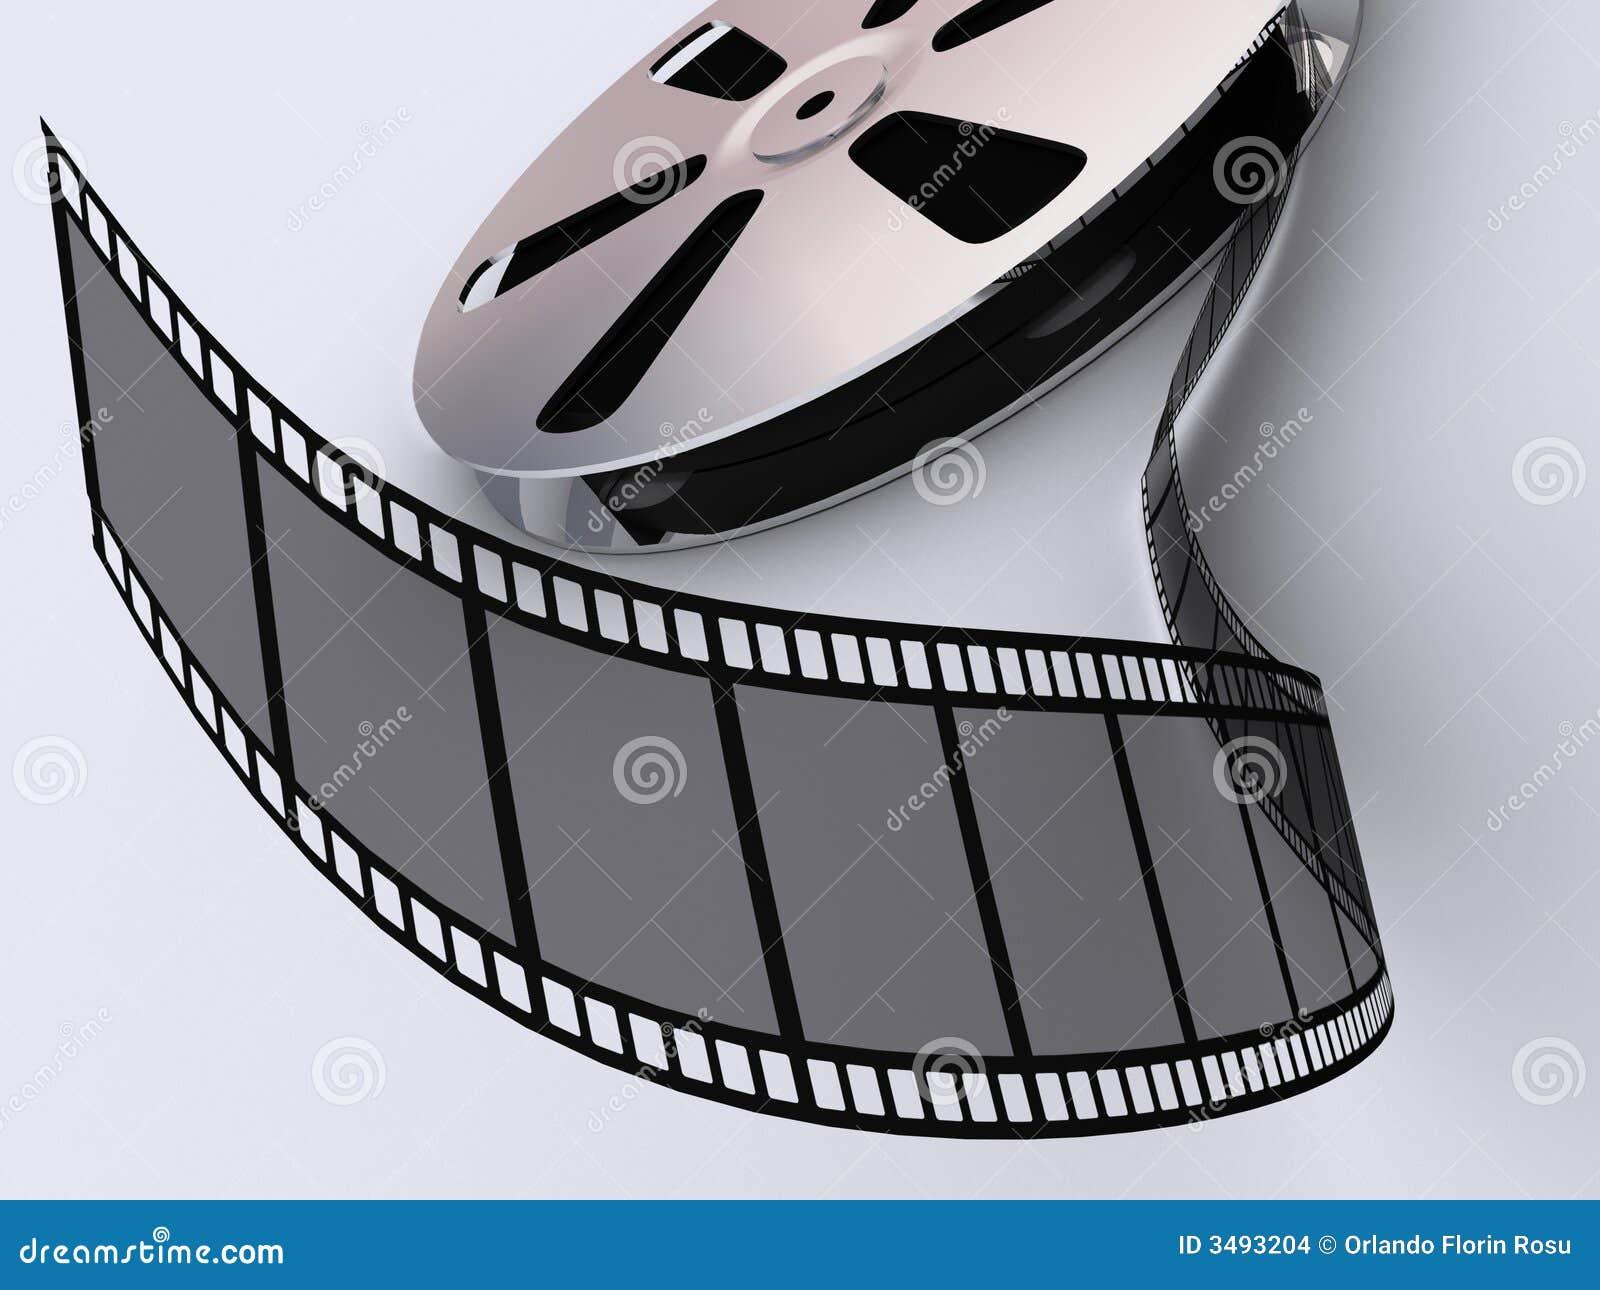 Strip film reel